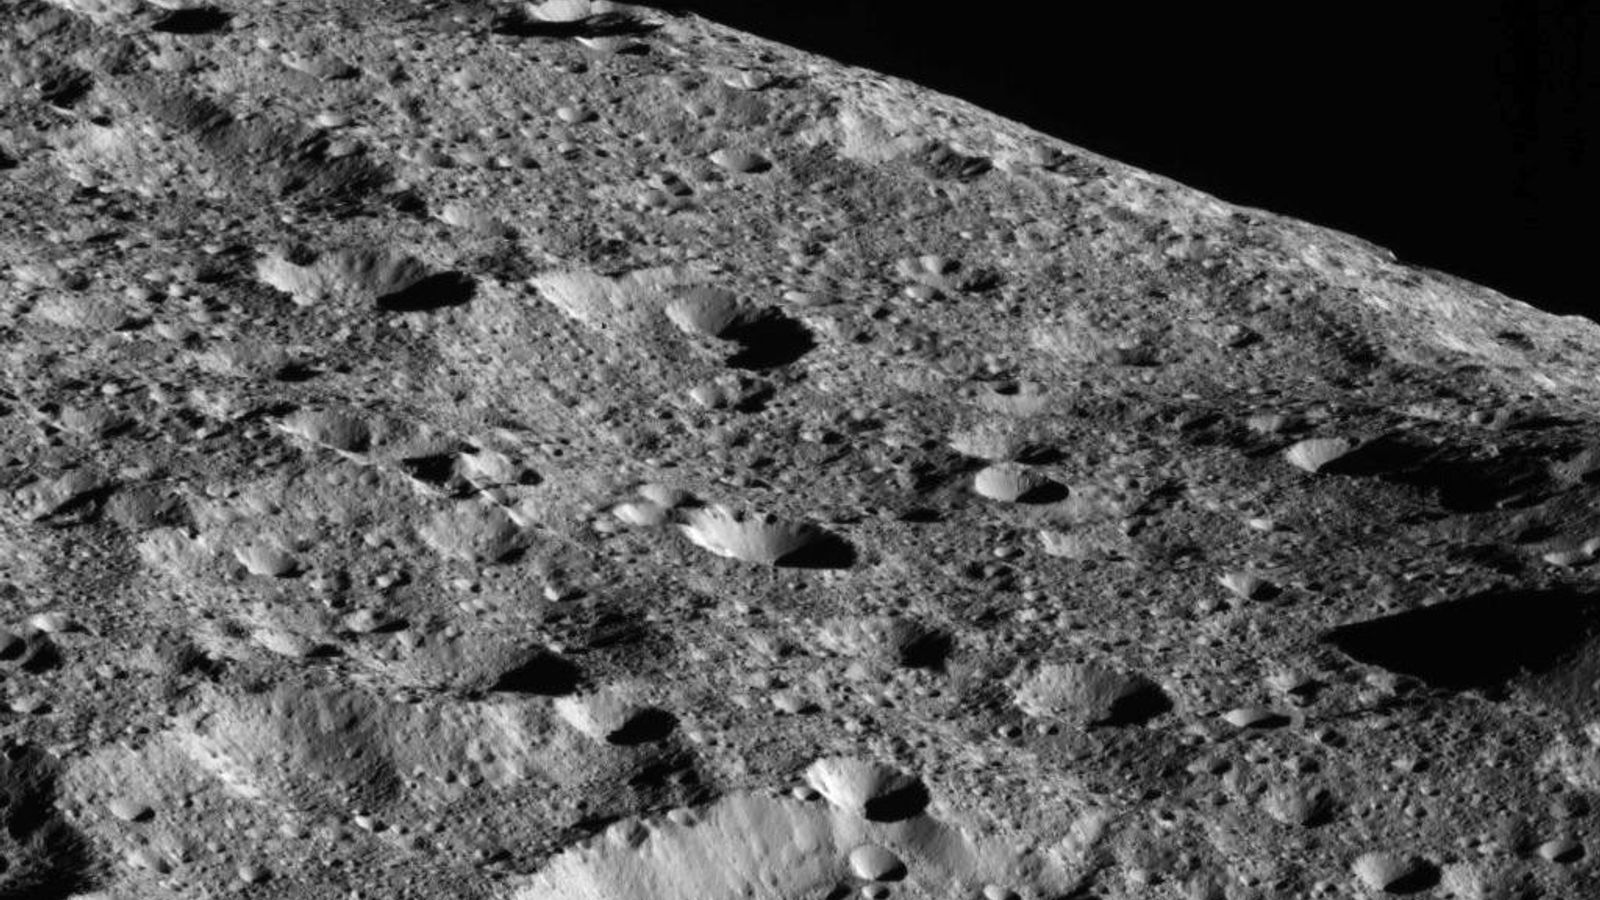 Dans sa phase finale, la sonde spatiale Dawn de la NASA a capturé cette image spectaculaire ...